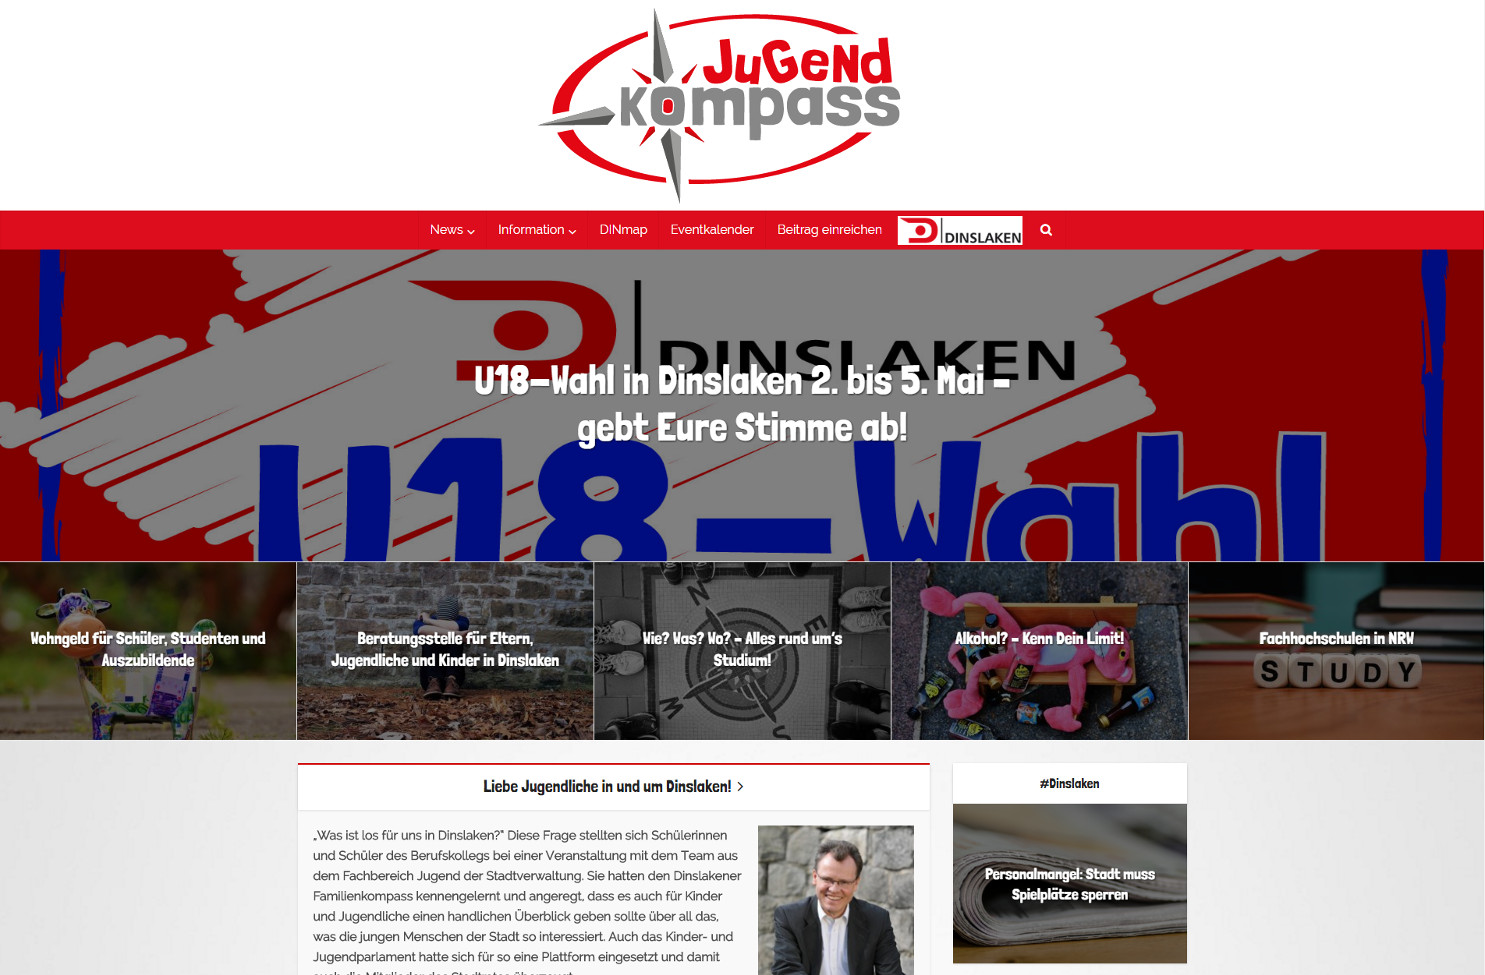 Startseite der Jugendkompass Webseite